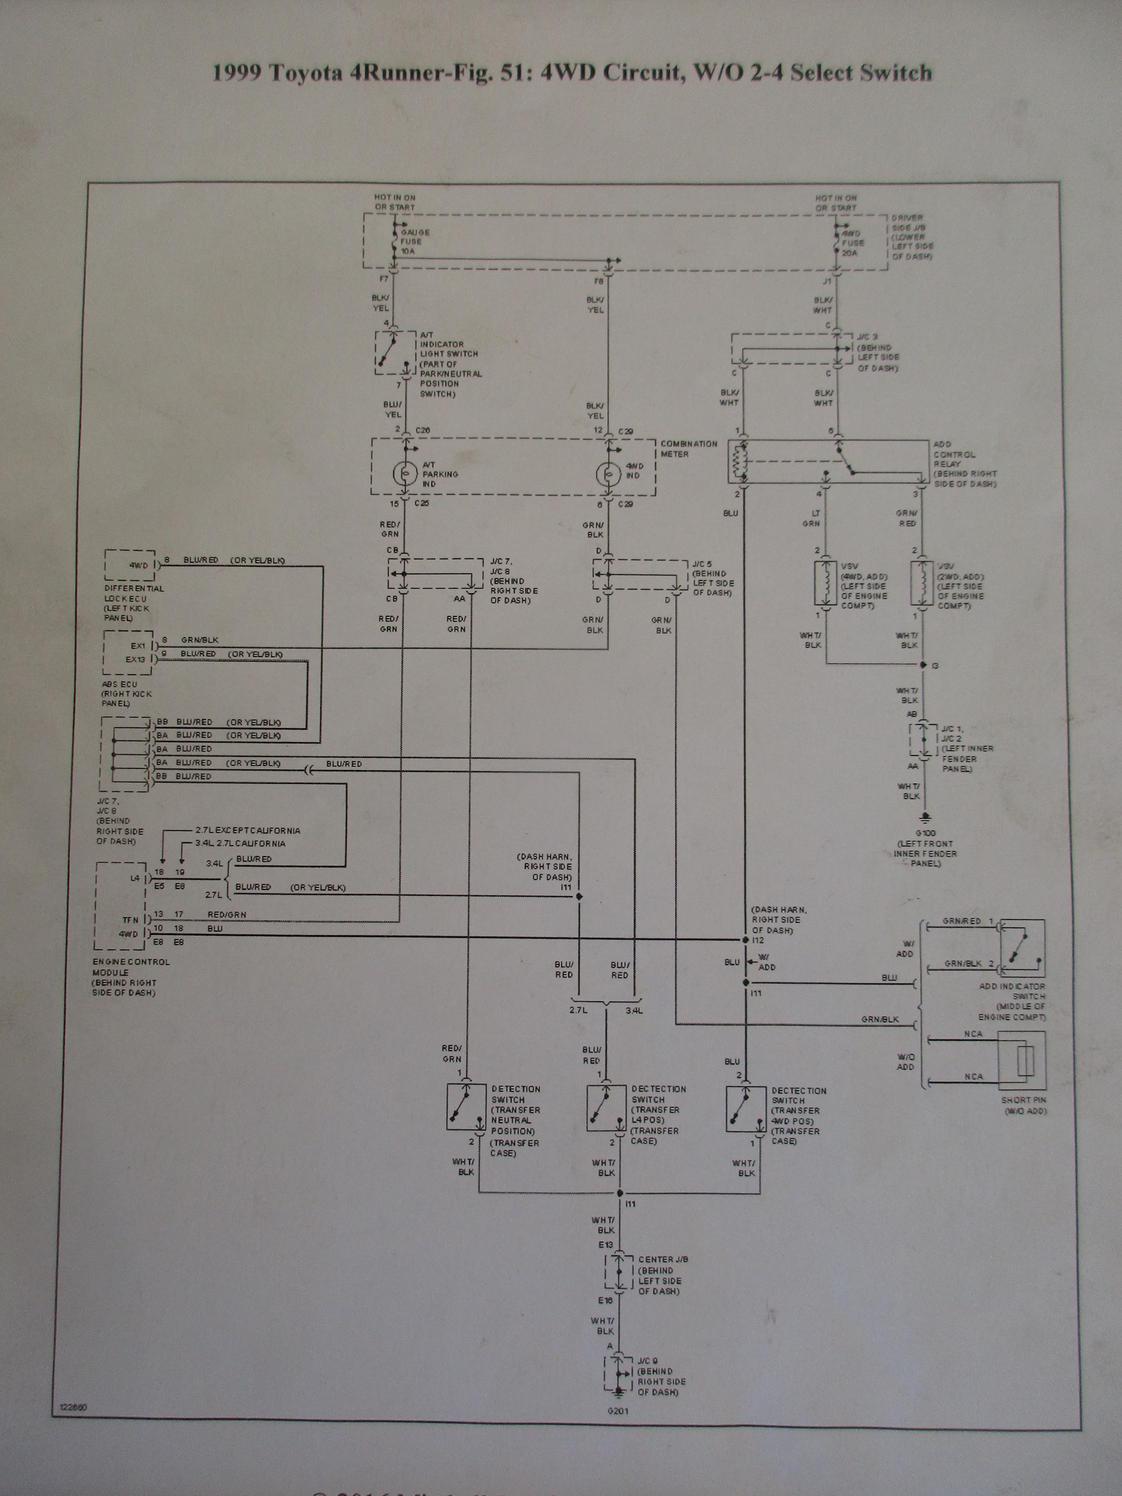 Wiring Diagram Moreover Toyota 4runner Wiring Diagram On 4runner